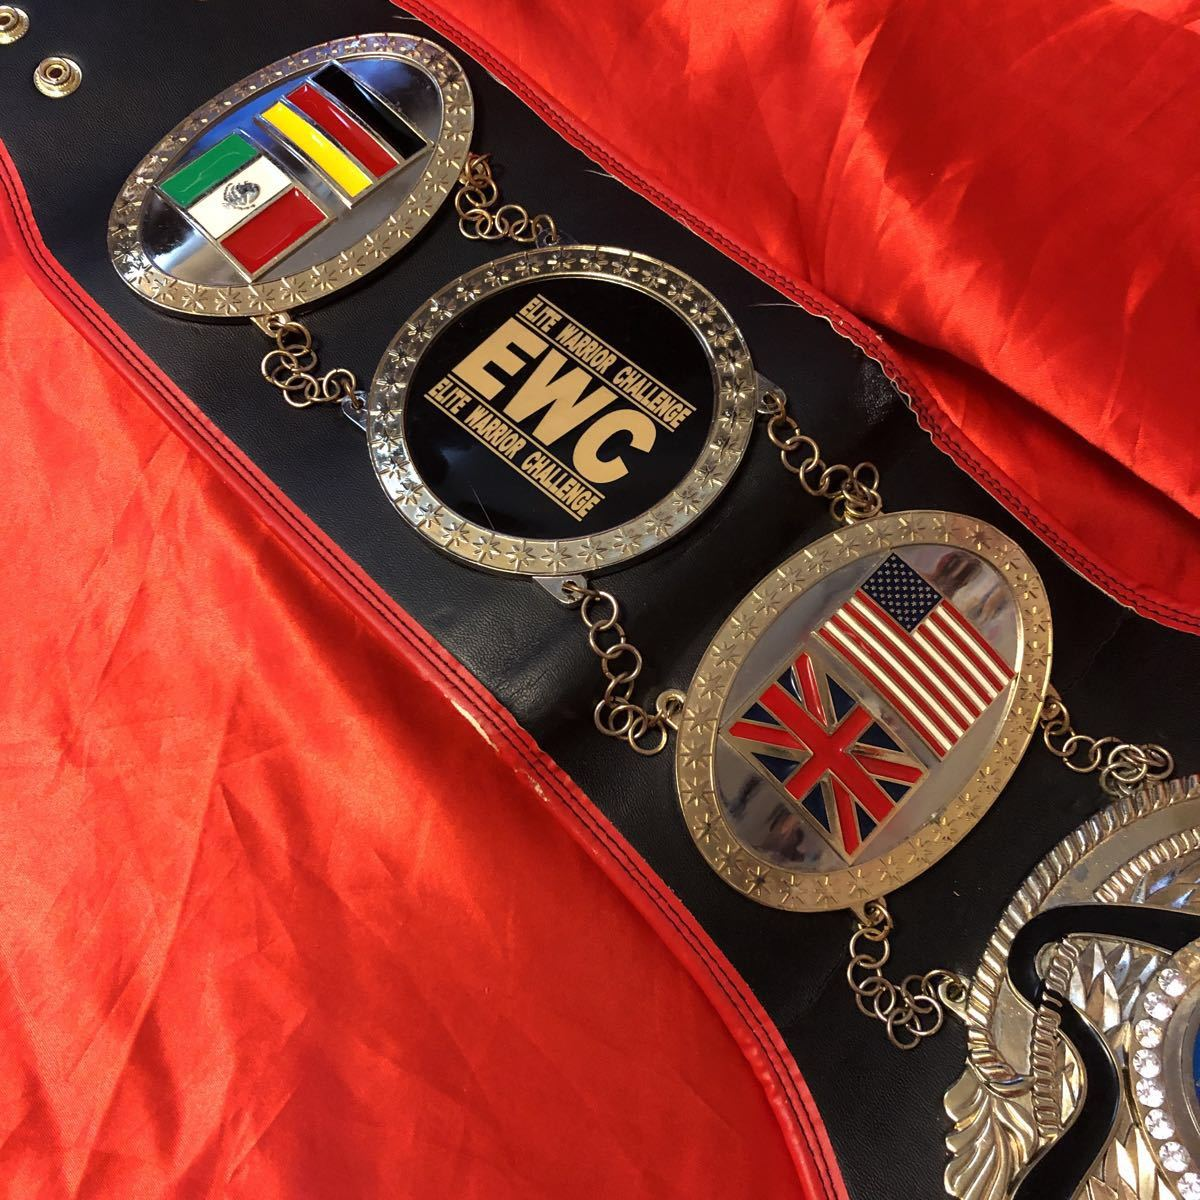 本物 貴重 実使用 70kg級 ムエタイ チャンピオンベルト 格闘技 空手 ボクシング EWC レア キック ボクシング ダイエット 金運 筋トレ UFC_画像3